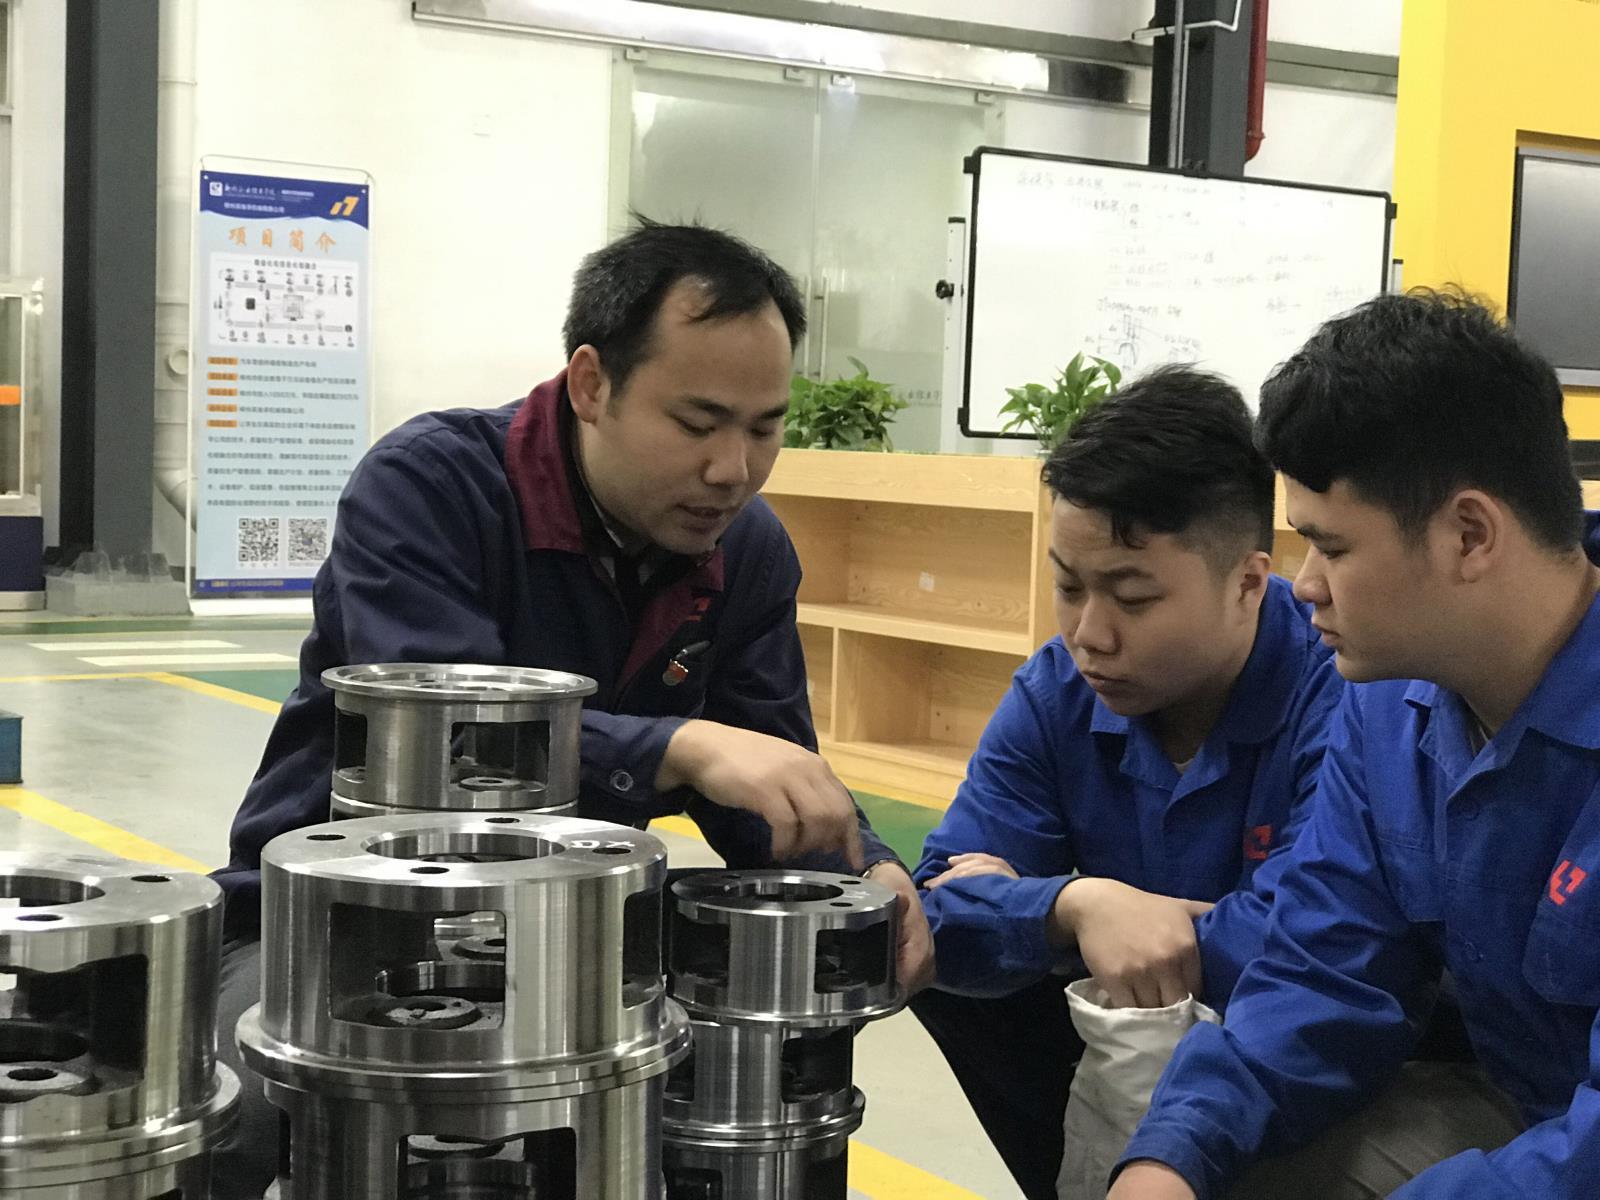 甘达淅老师在指导跟岗实习的学生.jpg